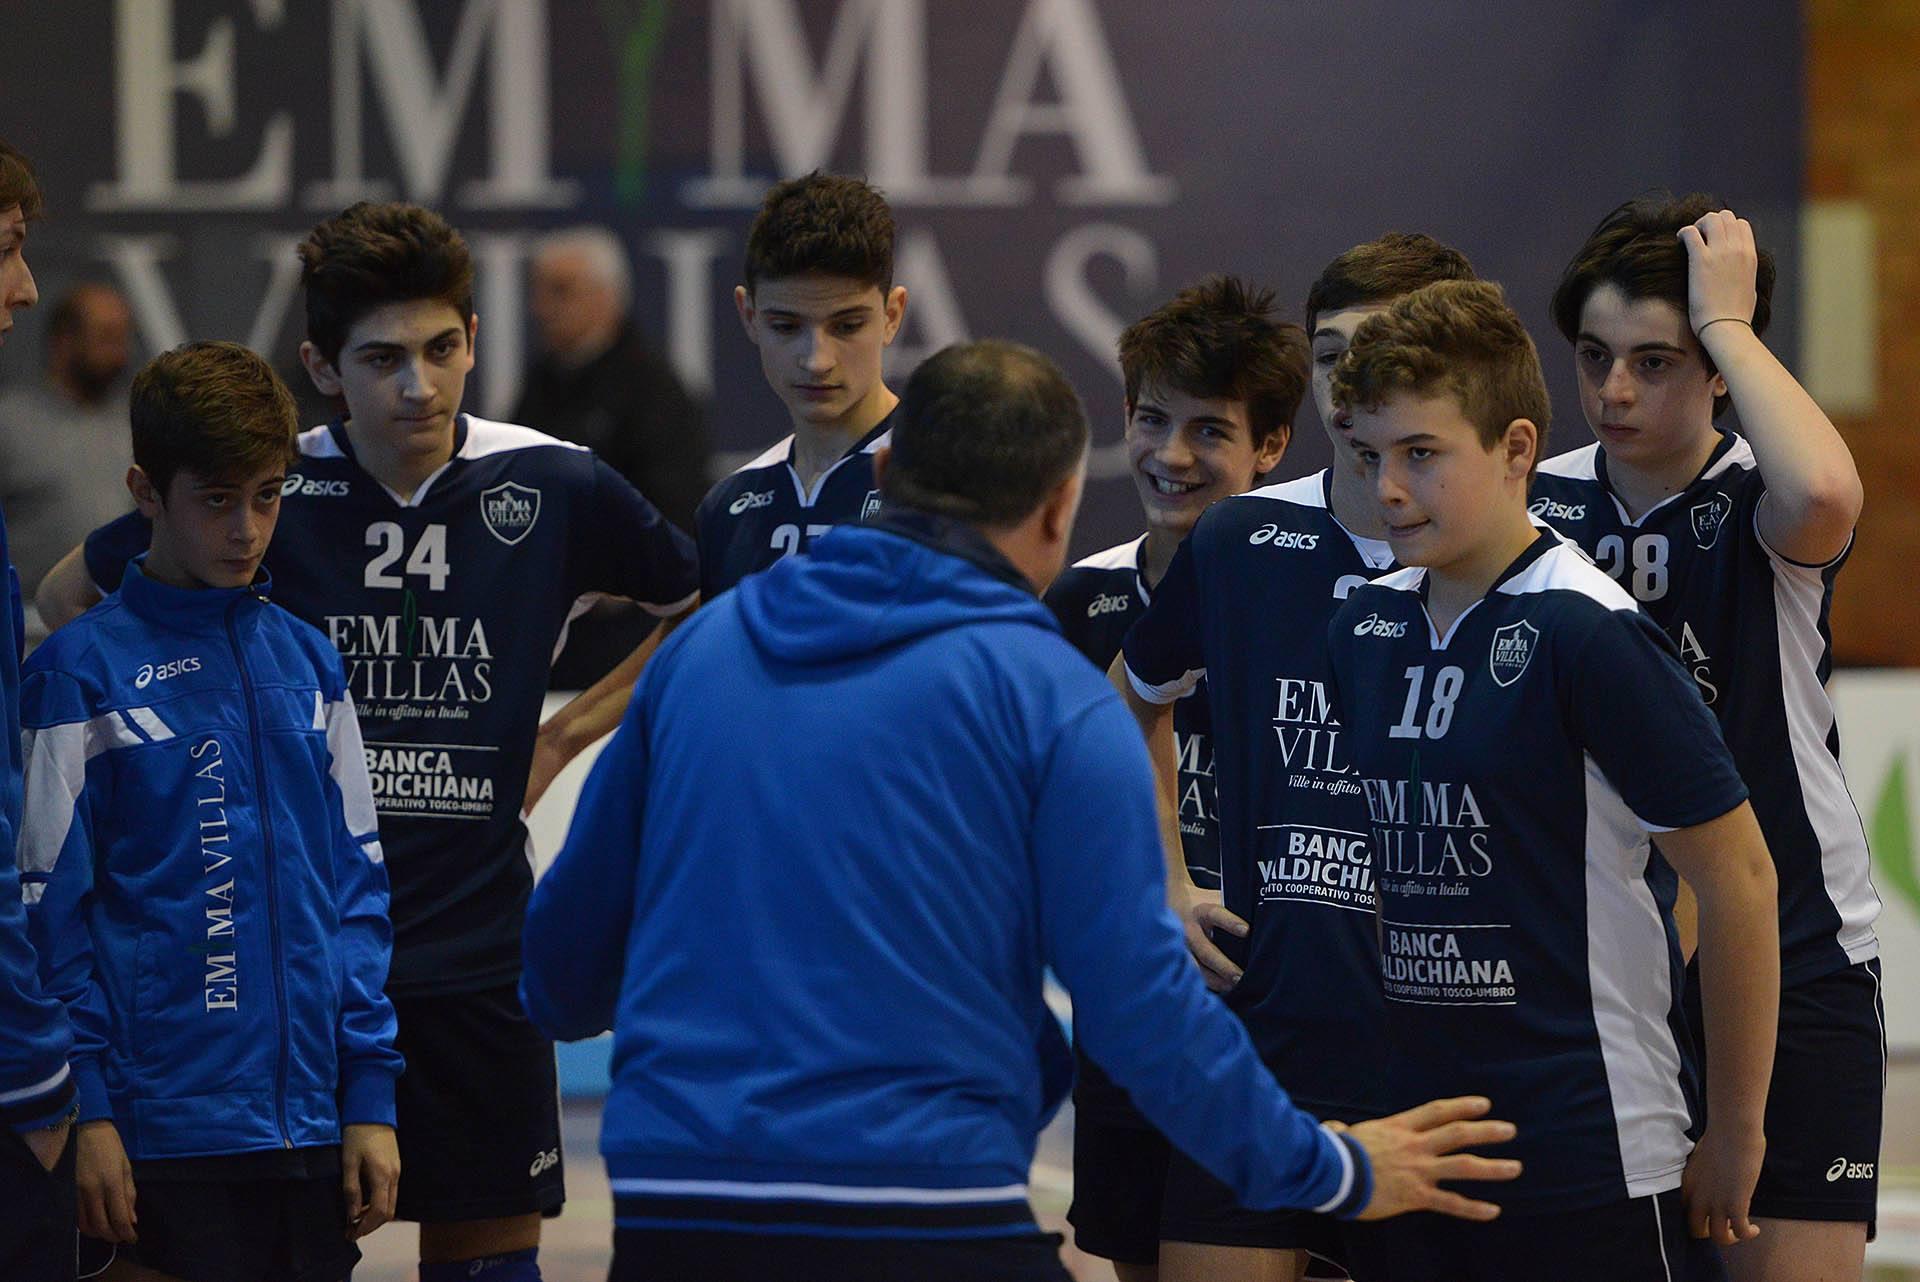 emma-villas-volley-pallavolo